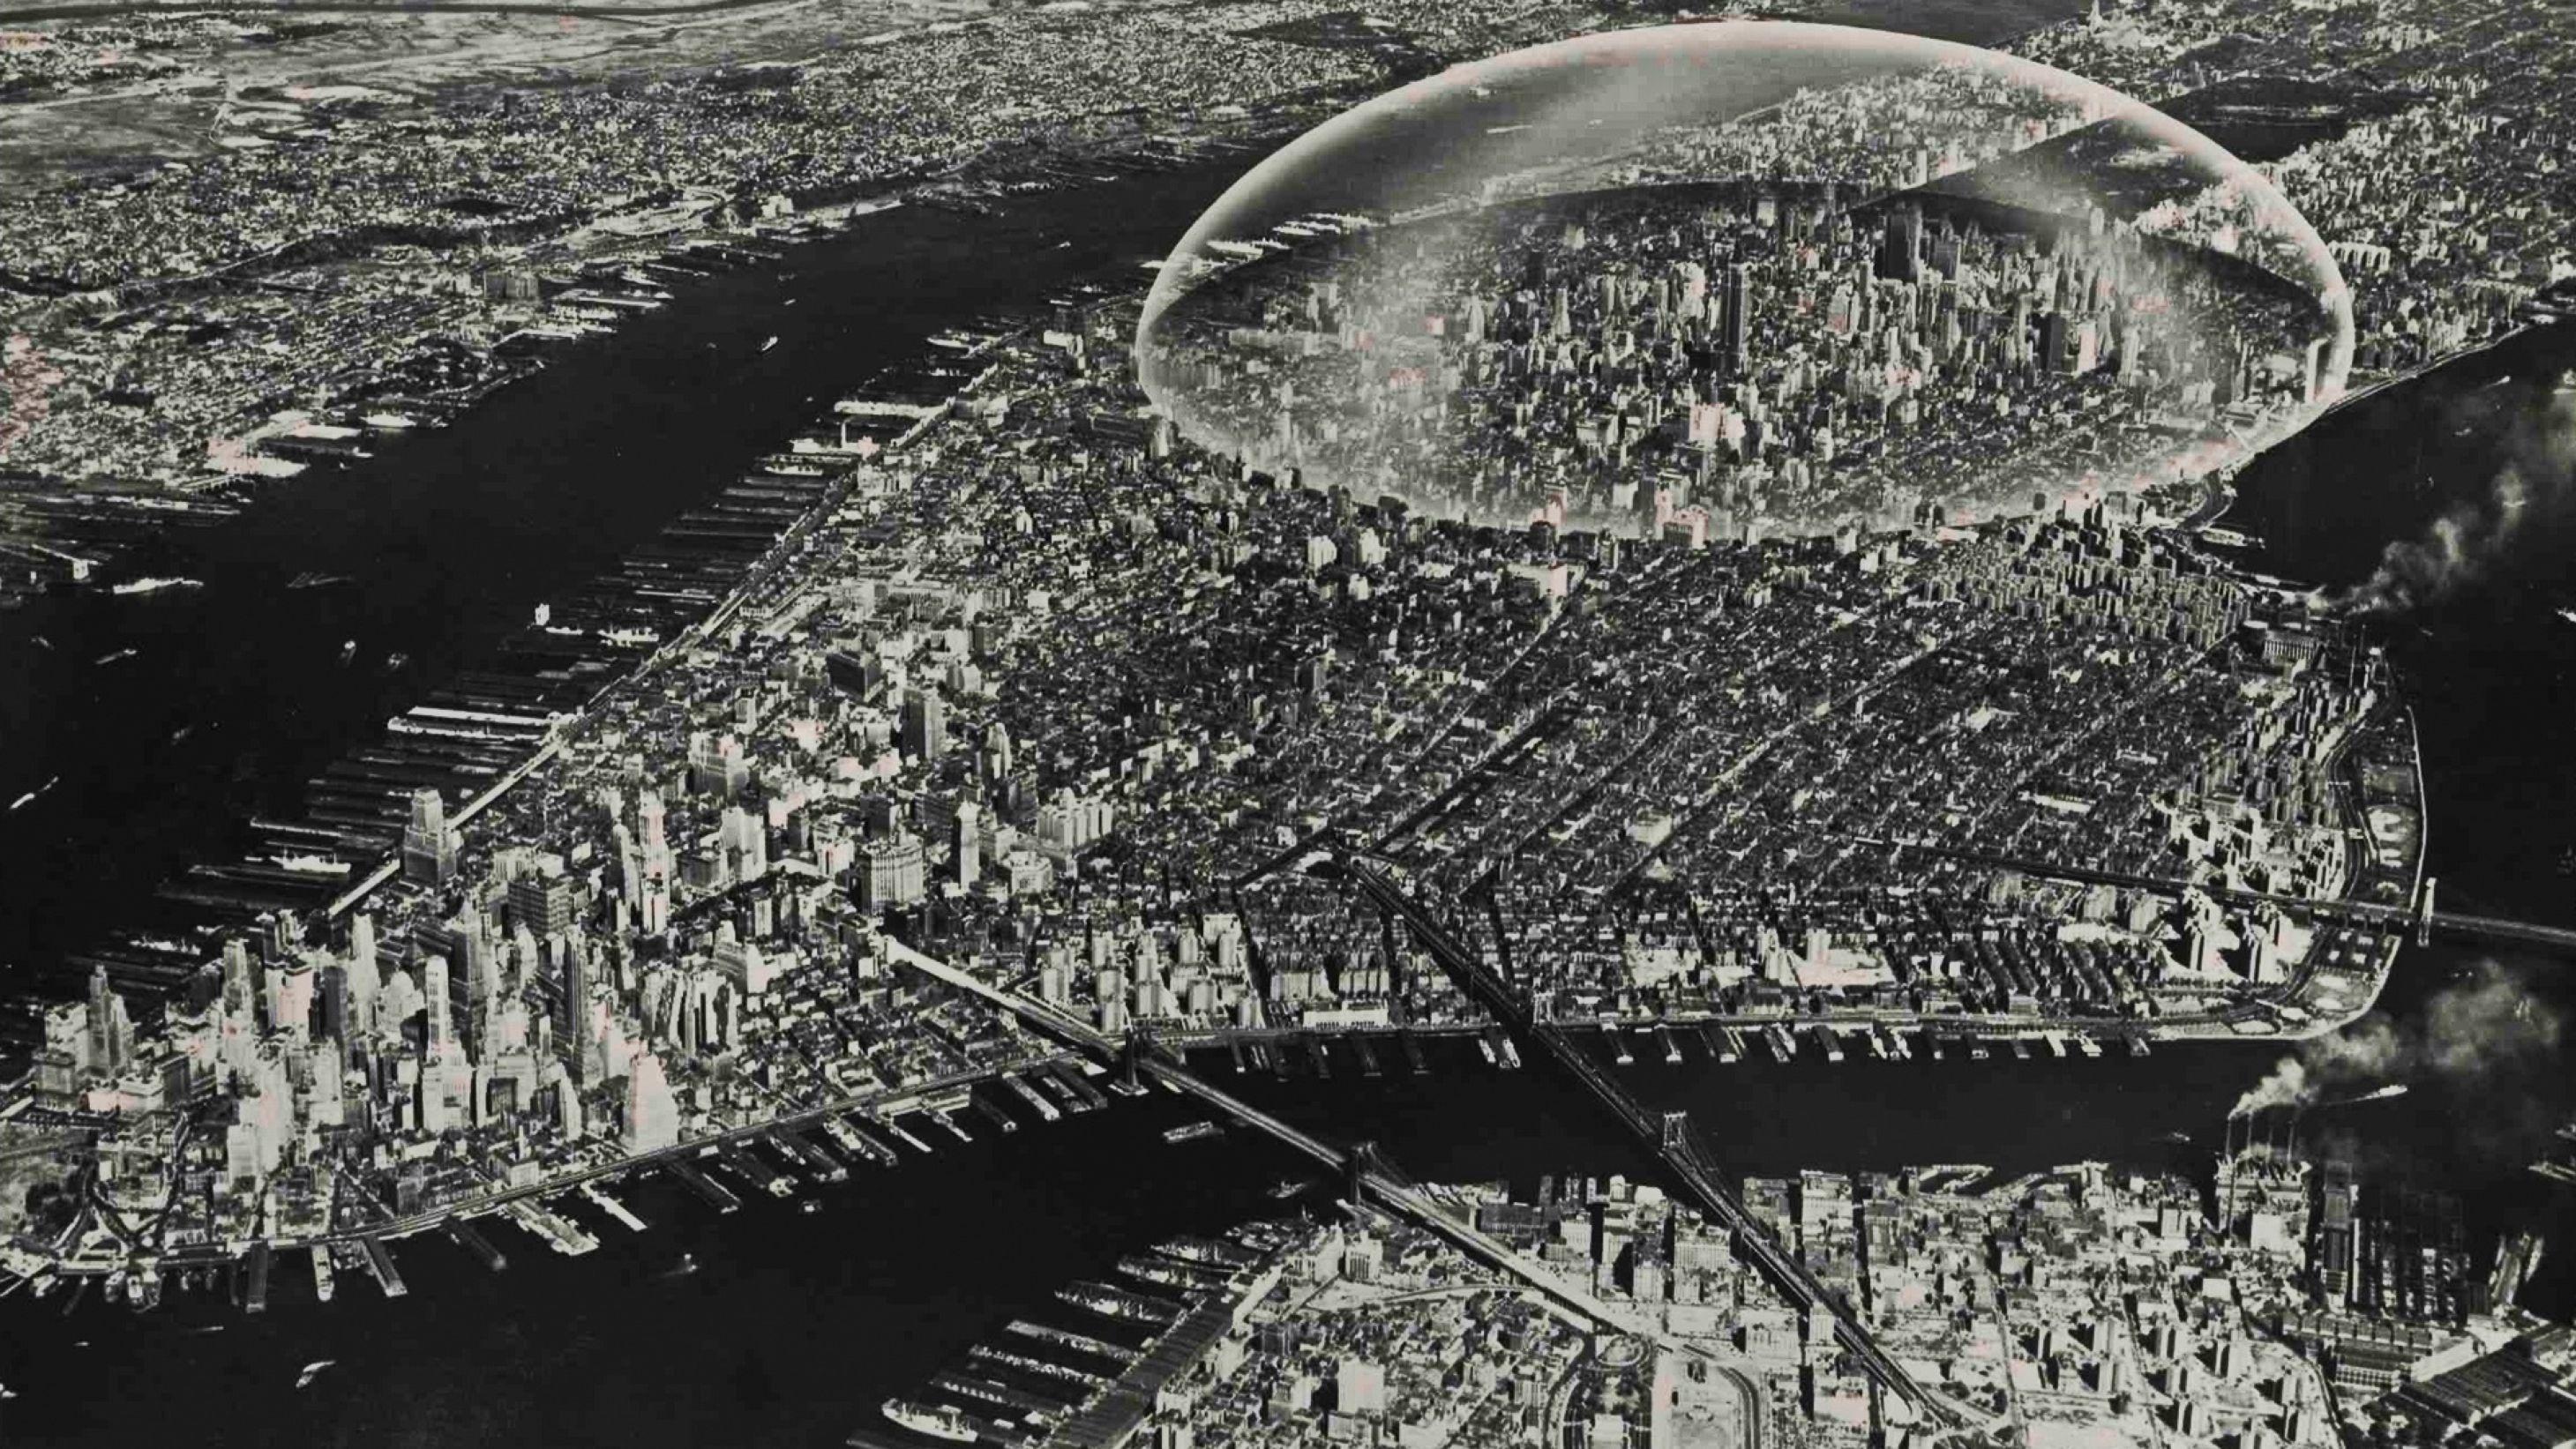 Если бы сгенерировали такое поле над городом, то к городу даже на сотню километров не смог бы подлететь не один самолёт. А сокрушительные лучи смогли бы заменить многие виды оружия, Лучи могли быть использованы как против наземной пехоты, так и против самолётов.